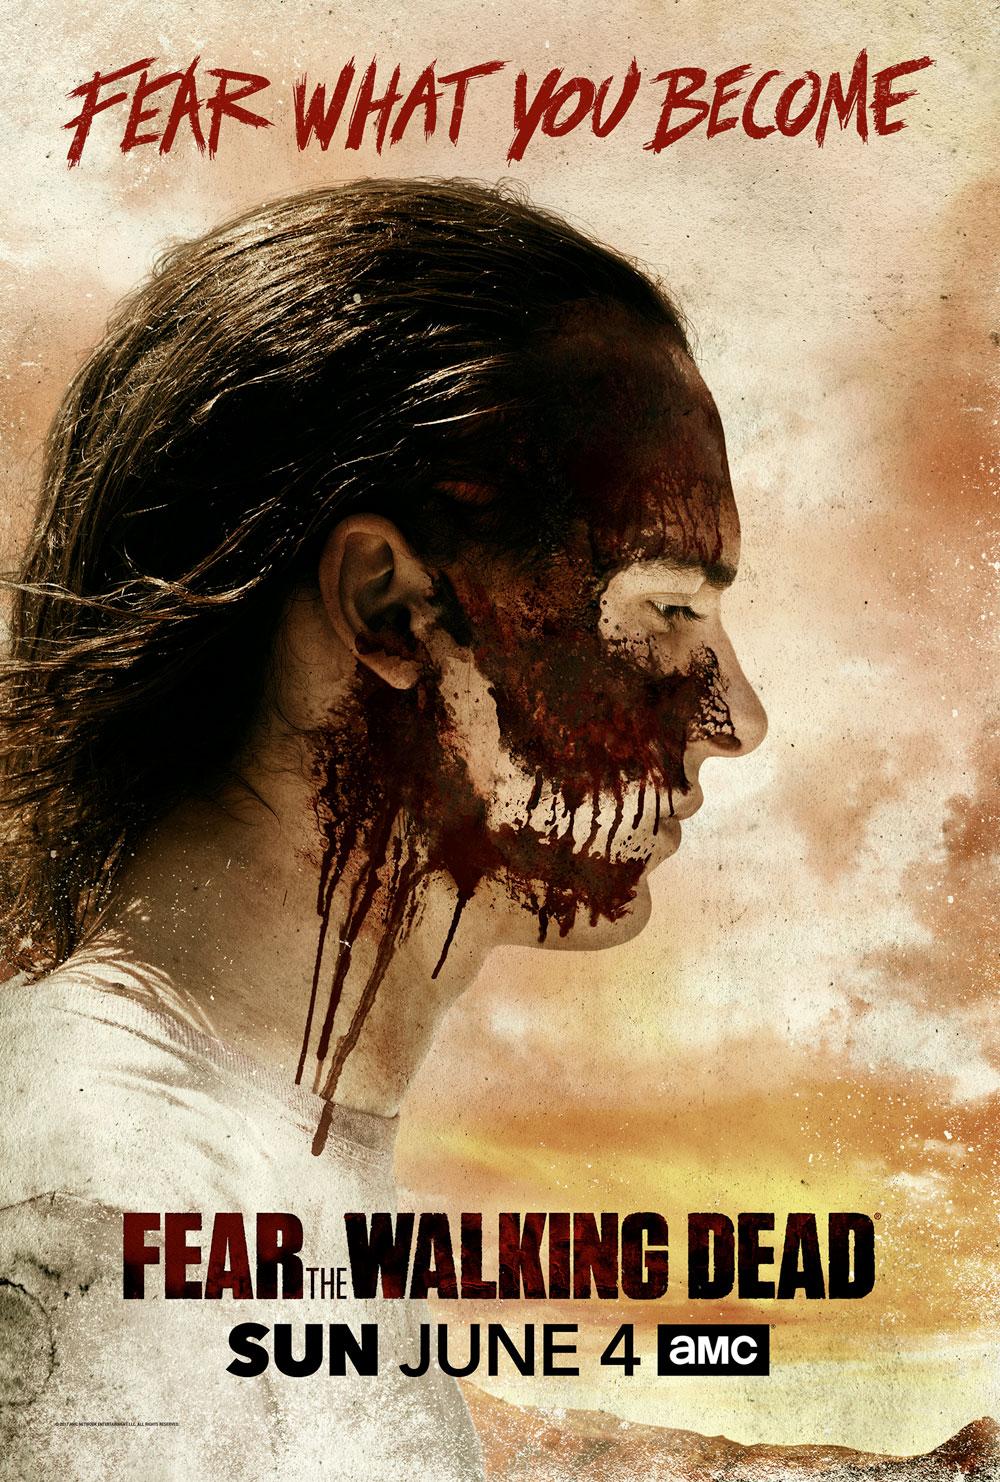 Walking dead return date